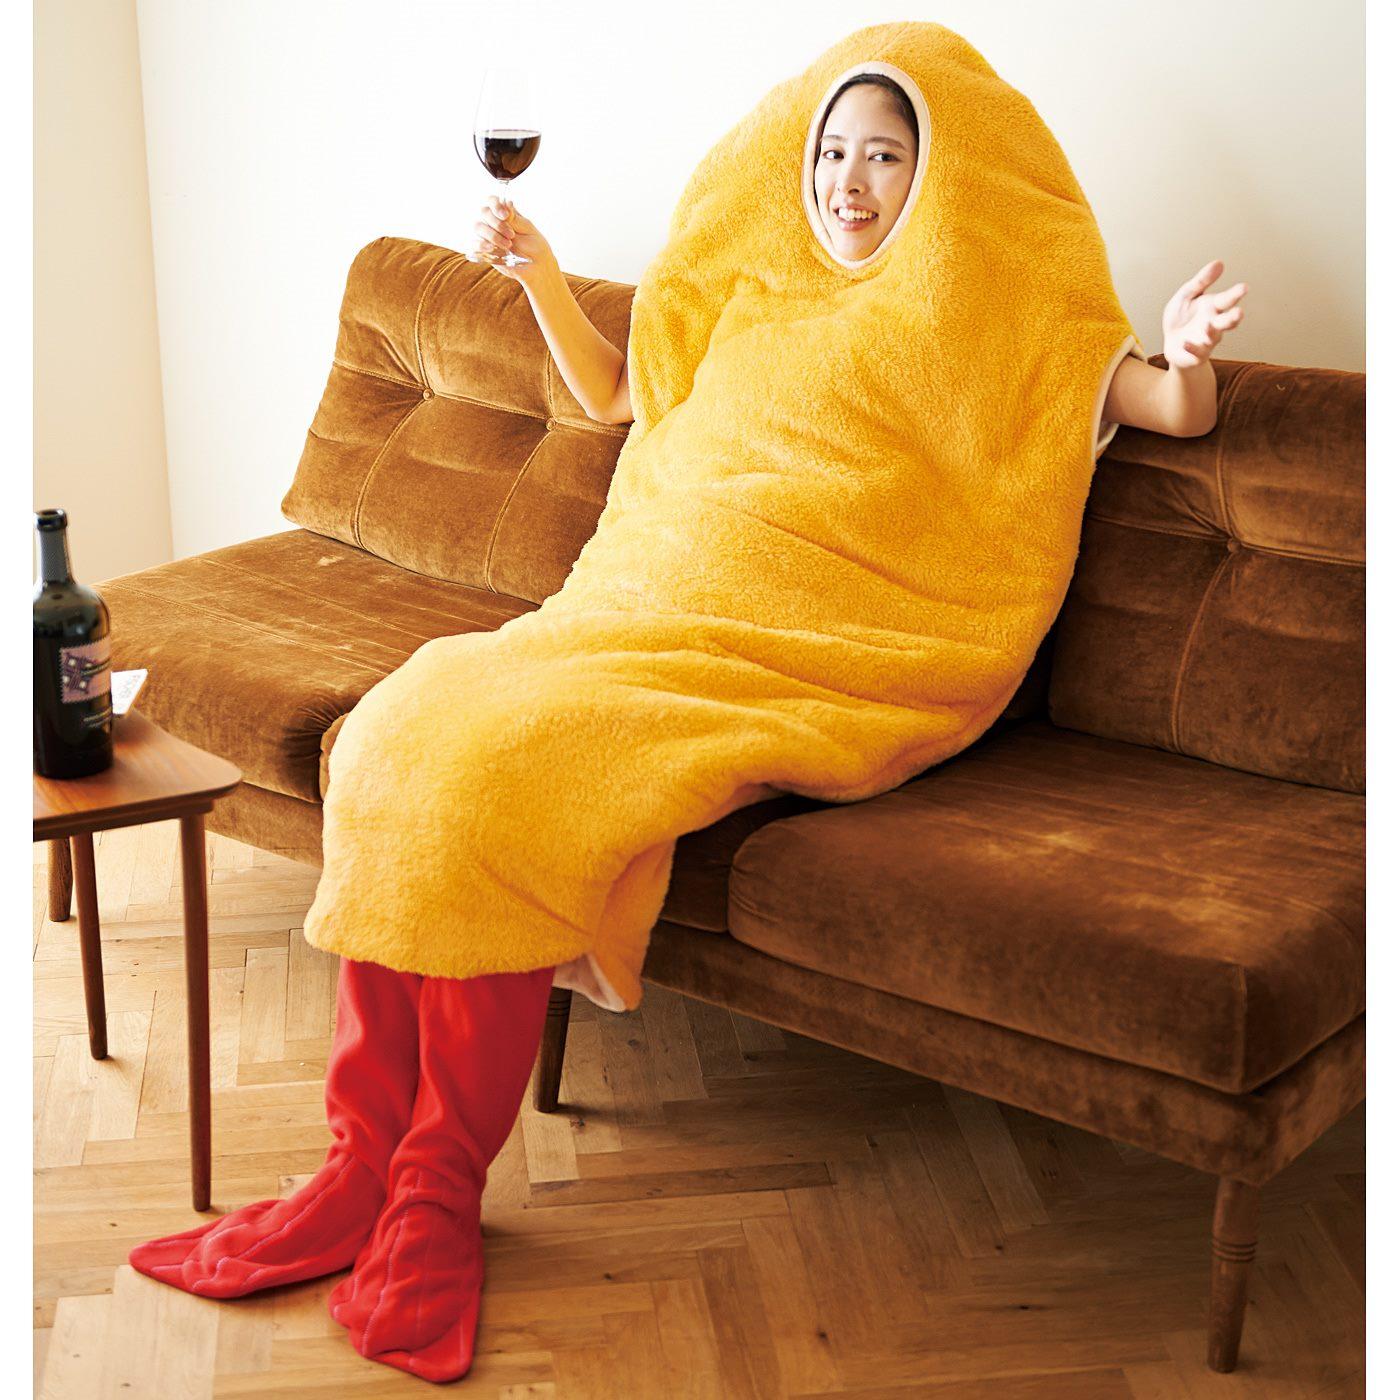 エビフライ姿で楽しむワインは格別!頭をすっぽり出して着ることもできます。